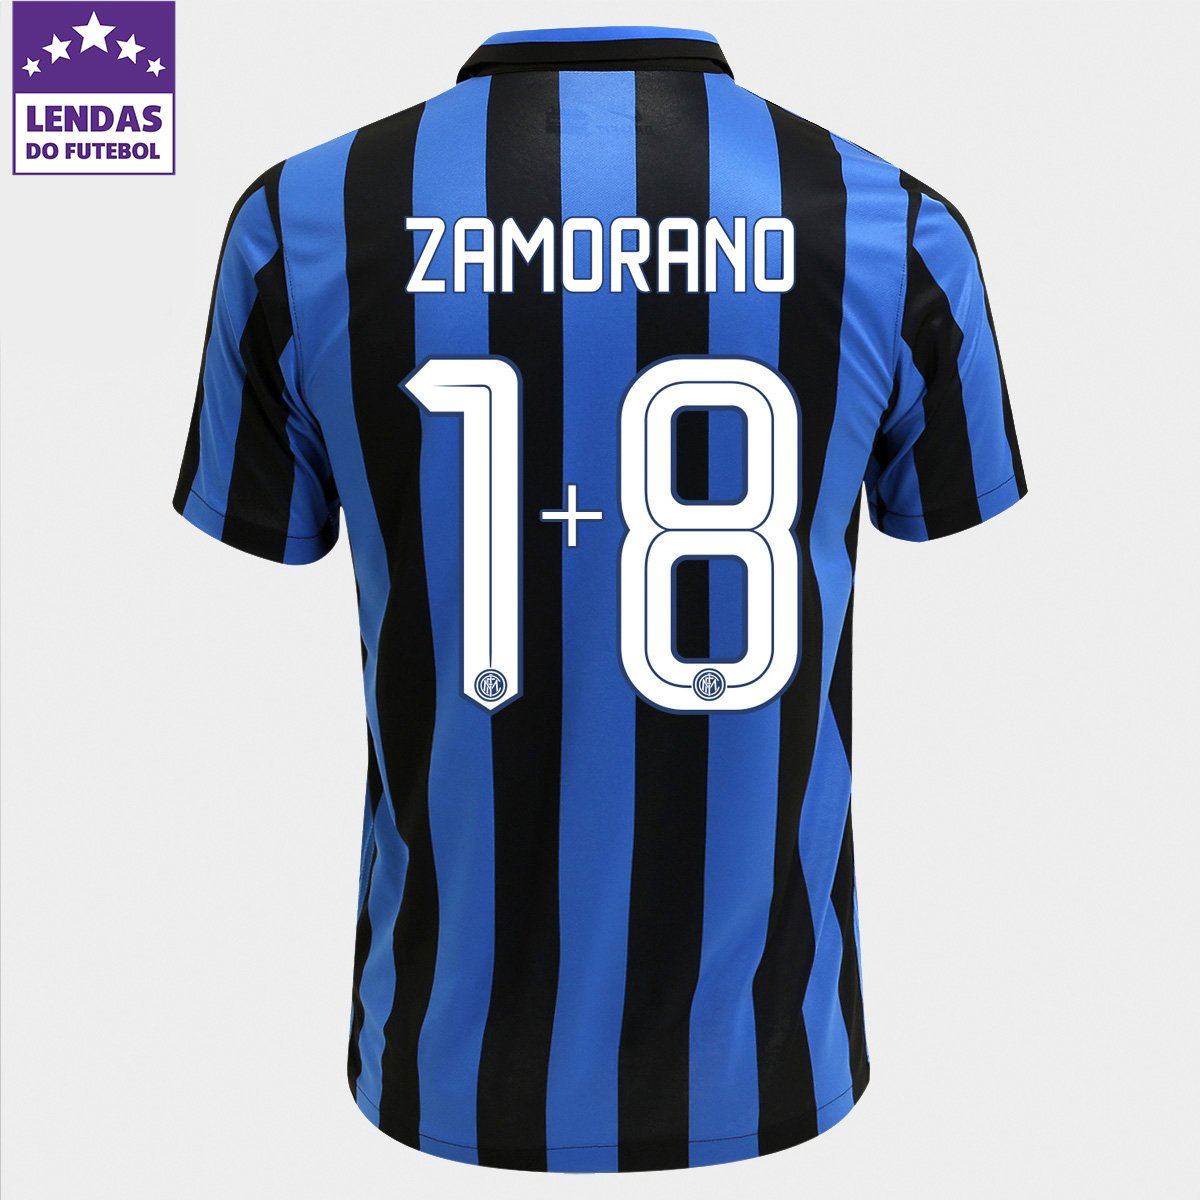 05cc374a8b Camisa Nike Inter de Milão Home 15 16 nº 1+8 - Zamorano - Compre Agora